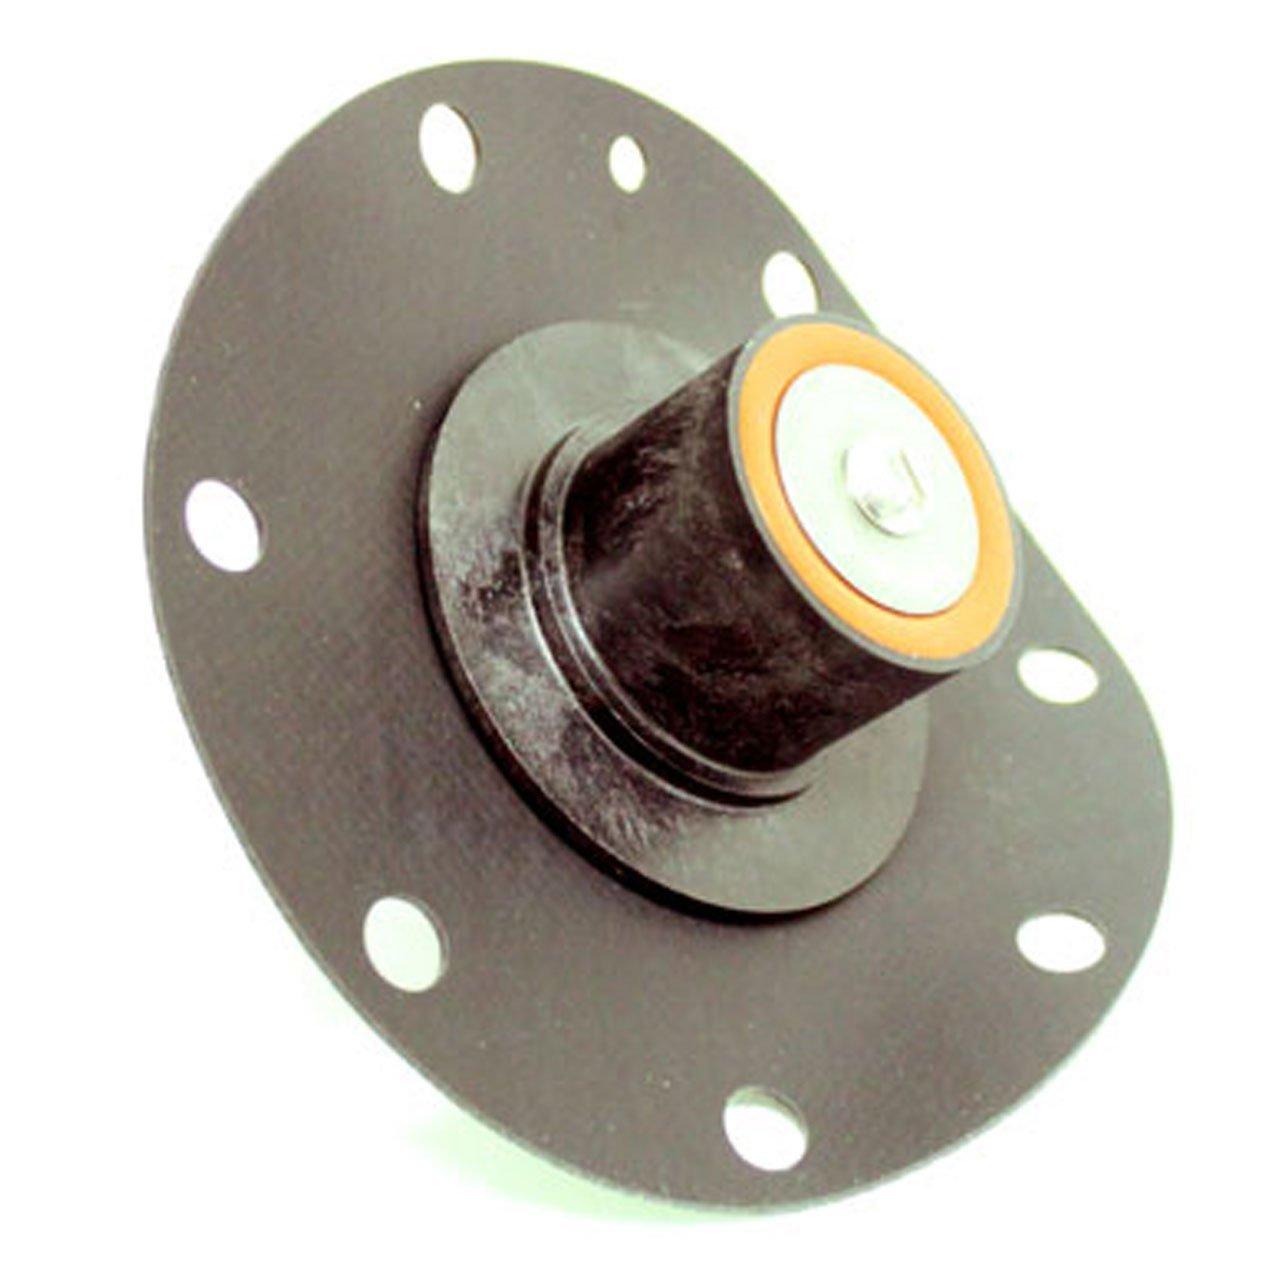 Heo xéo 974-50s Wilkins 11 inch - inch 975xl RP van an toàn phần